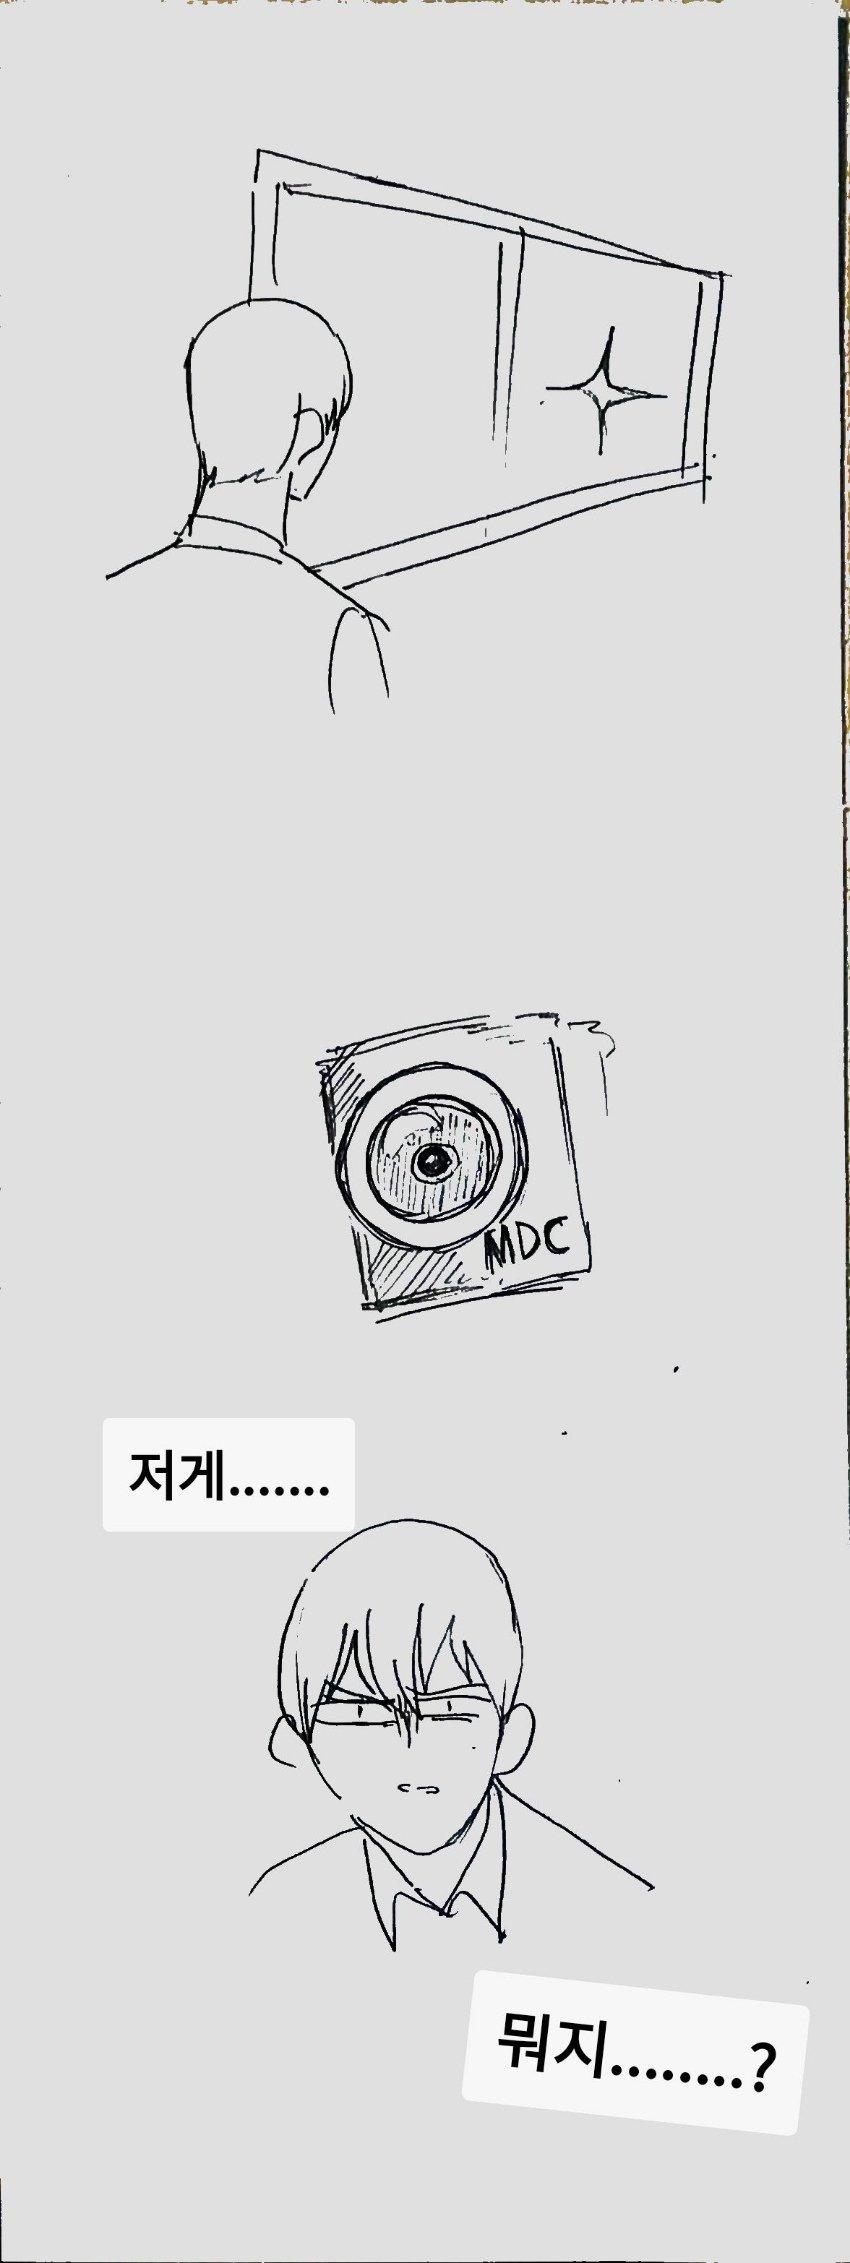 viewimage.php?id=2ebcc232eadd36&no=24b0d769e1d32ca73fec86fa11d02831f774ca47ac4dd7dcba669417d3f9c45cb192114ff7ce4d2aa96d4d69e30b11e7e30b0a5834af92c4f9f7b18bc1b49665c628ab713ace4556c472a5b1db984c75f856ef290c46b8afae53182c629193e6338739c9cade31914d3d89970f20600c1c06c4dd46